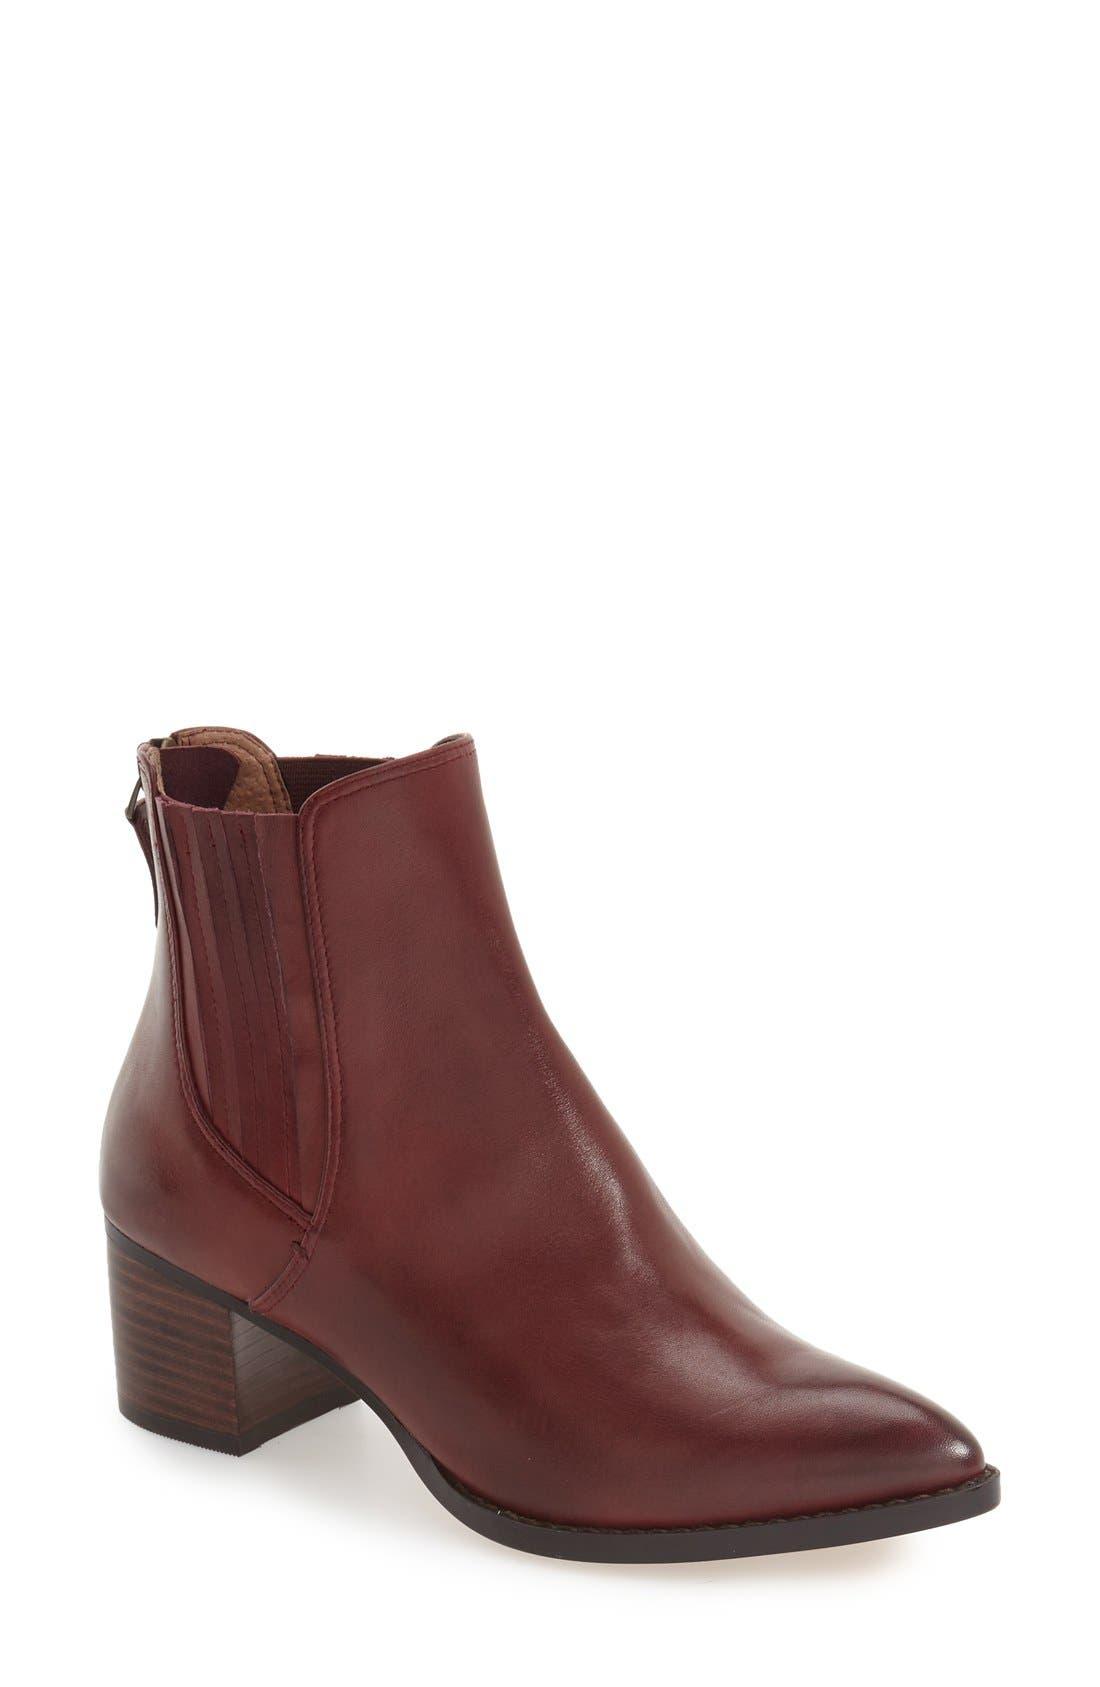 Alternate Image 1 Selected - Halogen® 'Bailey' Pointy Toe Block Heel Bootie (Women)